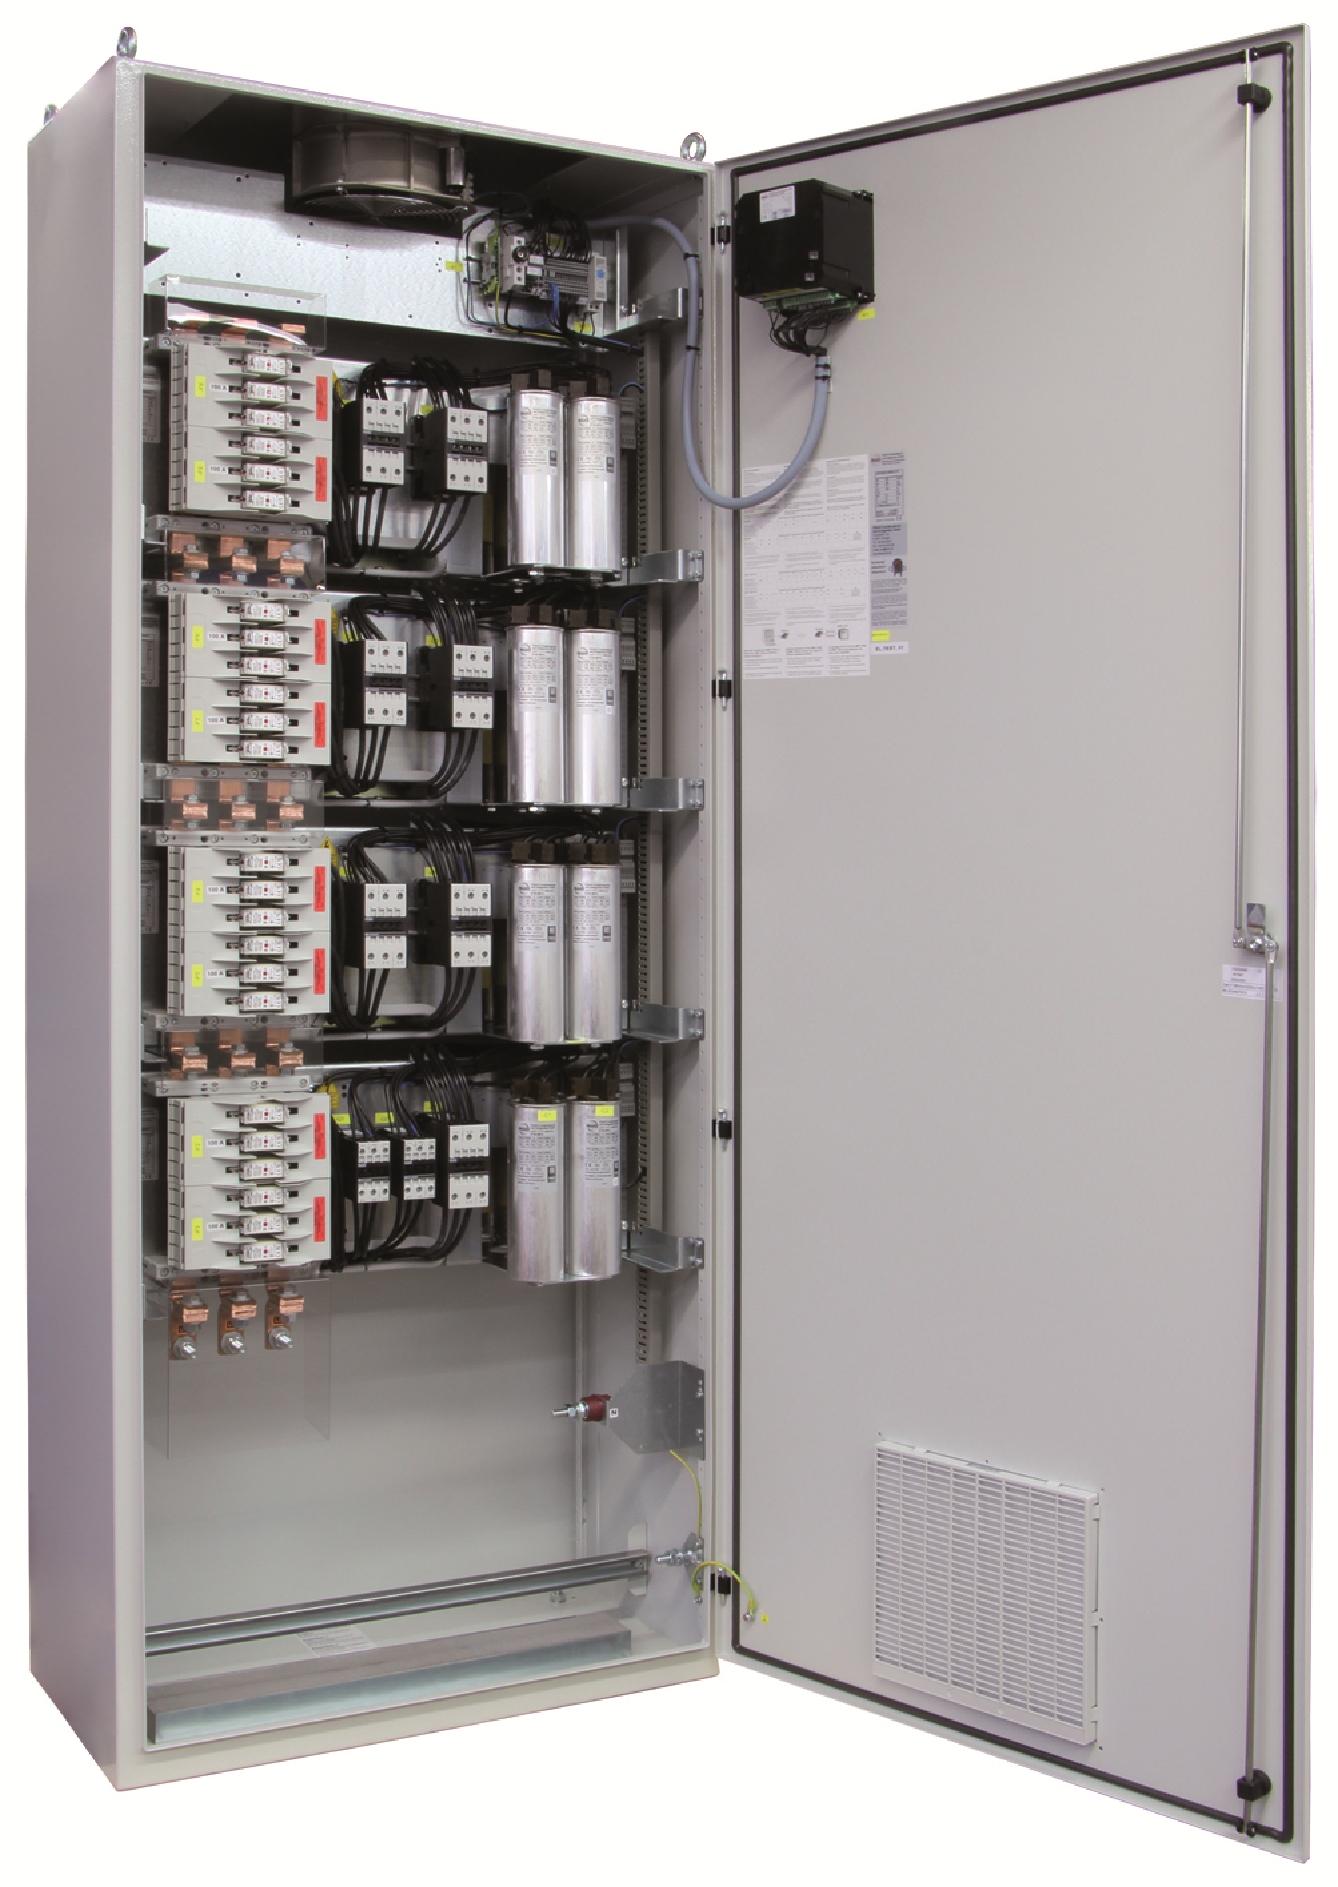 1 Stk Kompensation LSFC 7% 400/50kvar 800x2000x400mm FR3422686-